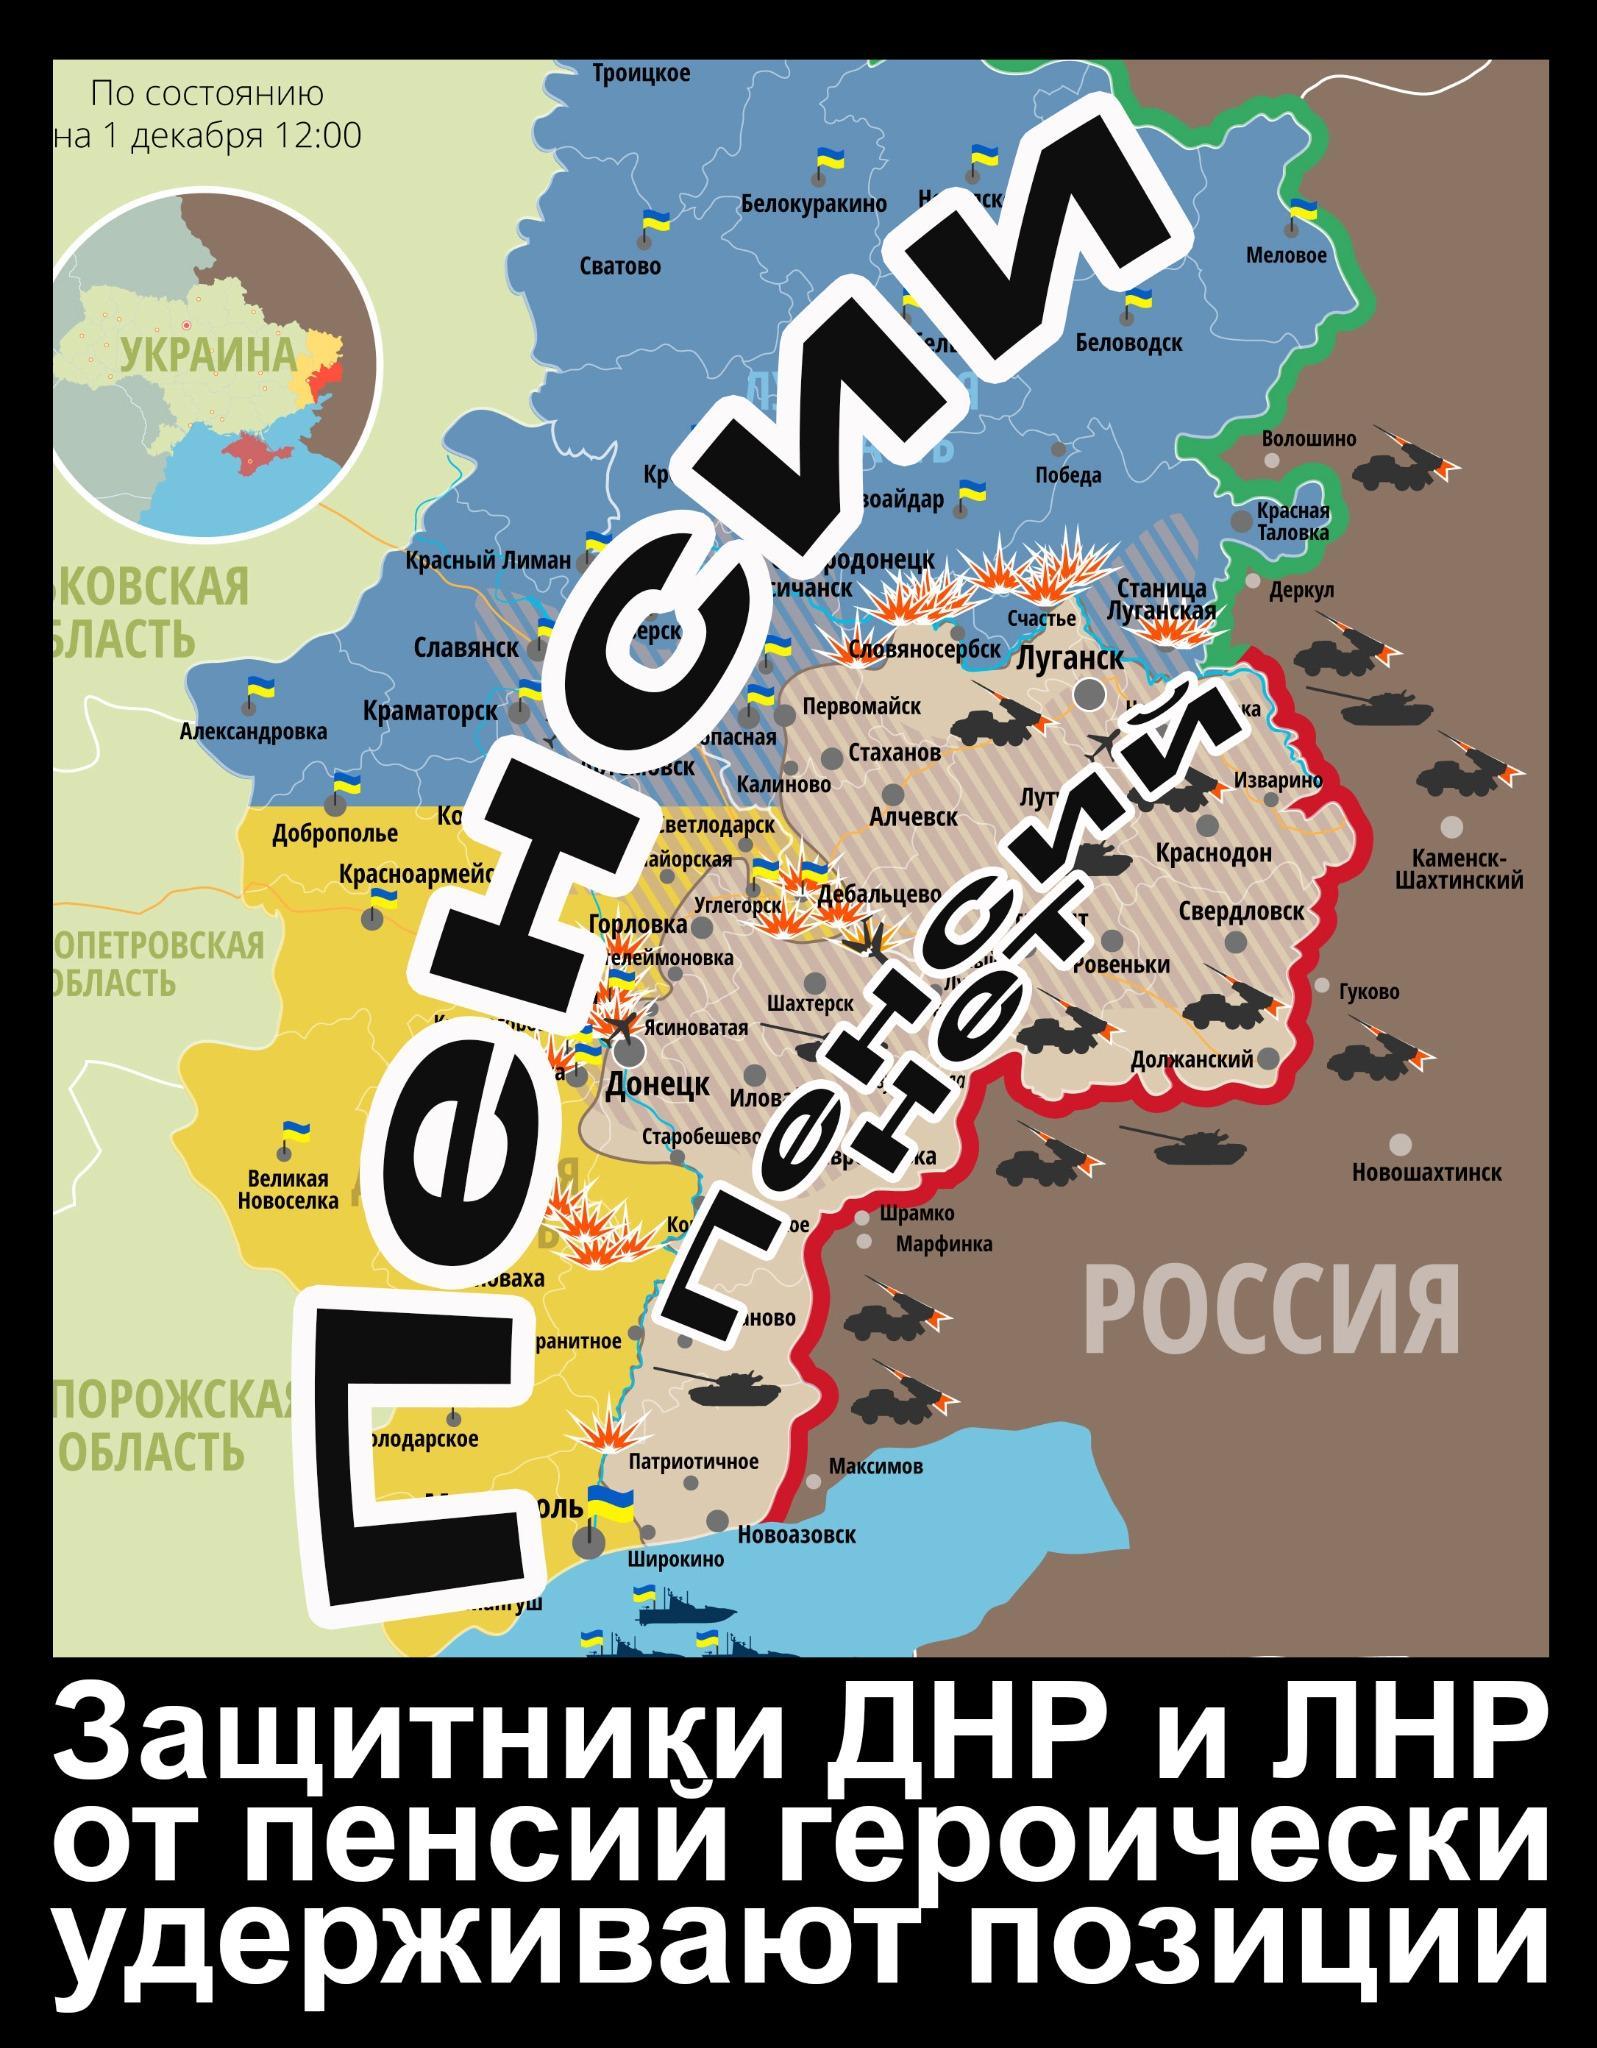 Террористы из двух разных районов атаковали позиции украинских войск вблизи Мариуполя, - горсовет - Цензор.НЕТ 5997